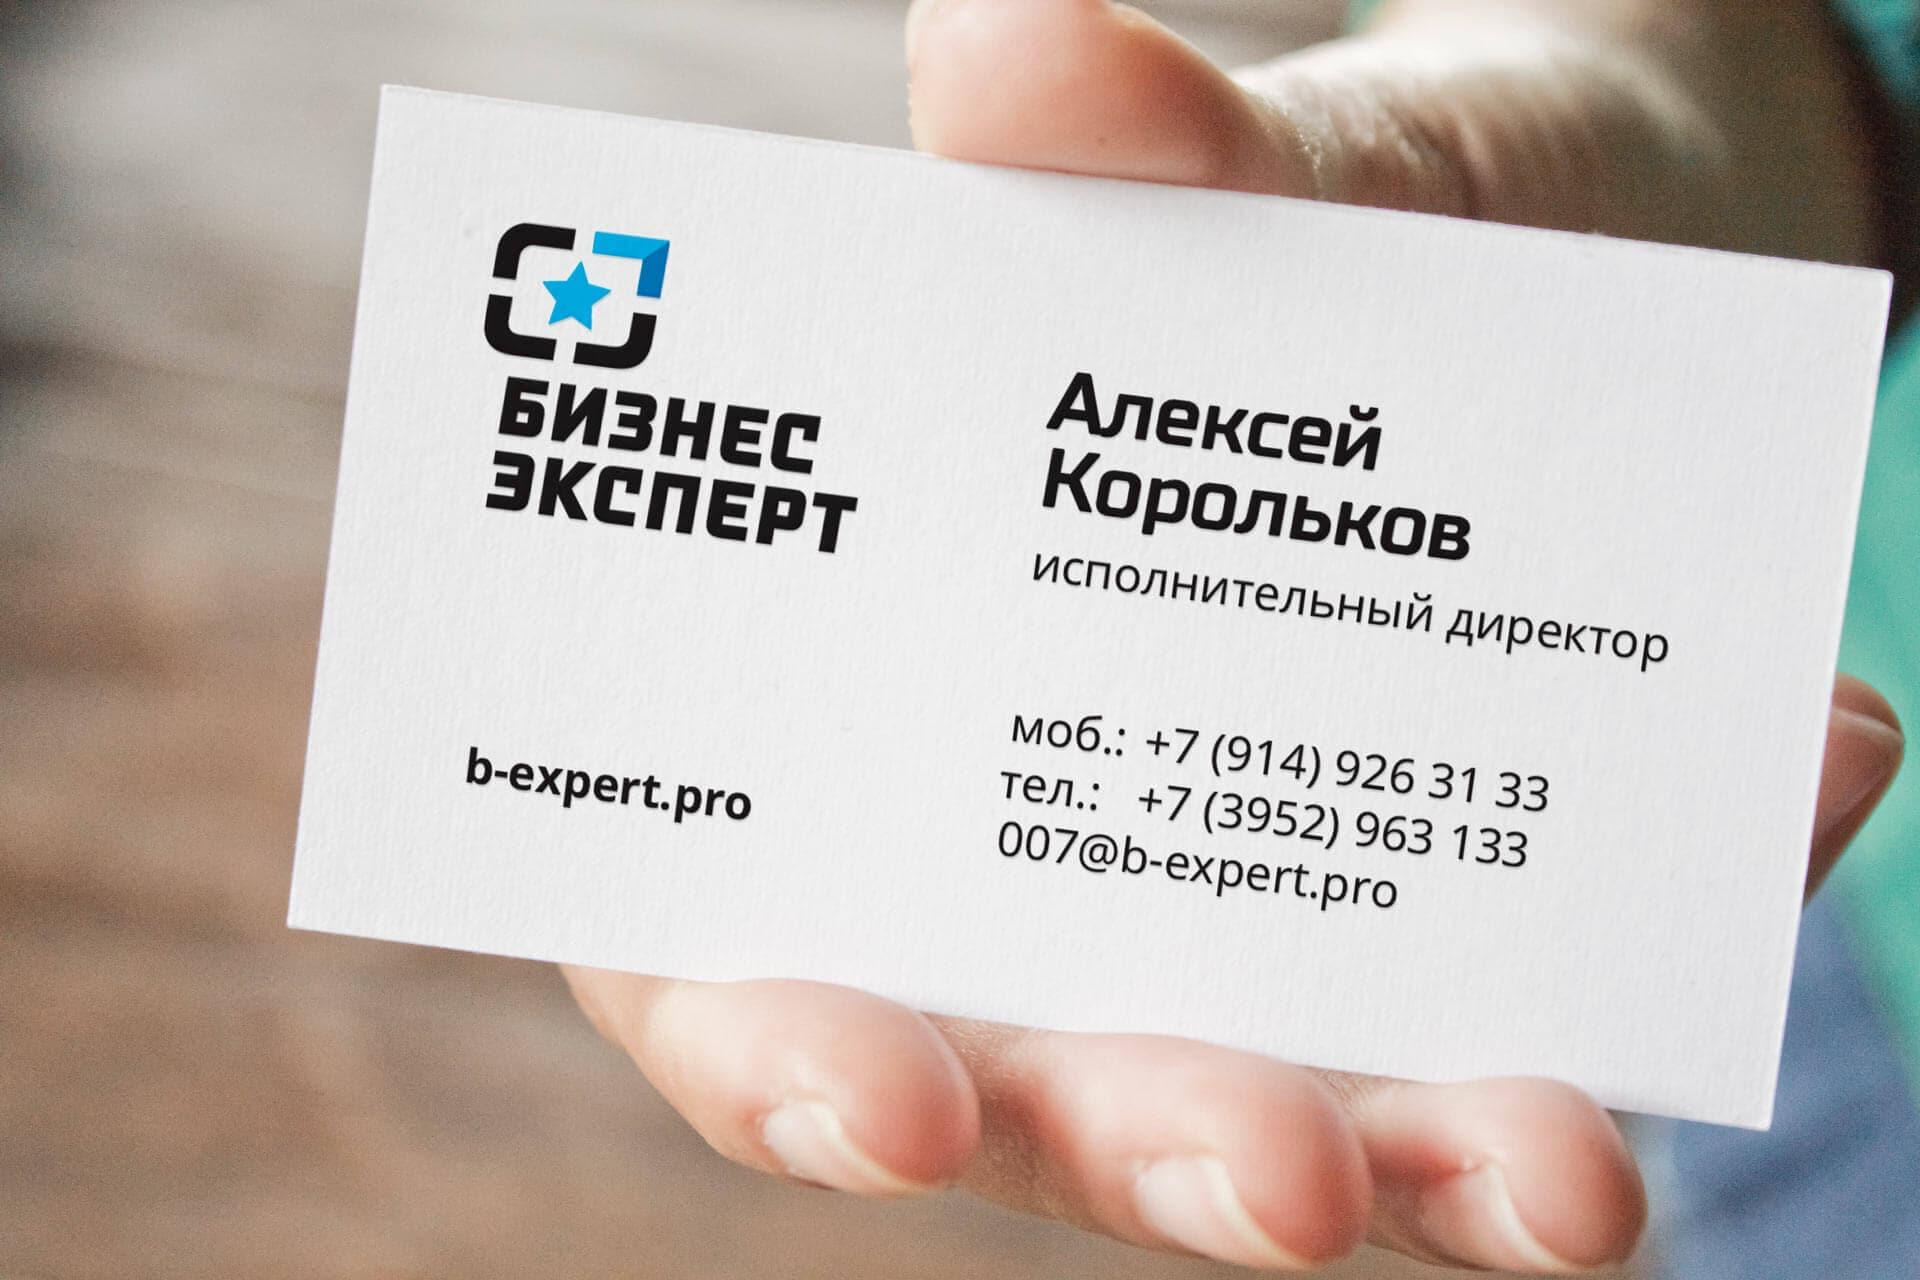 Оценочная компания «Бизнес эксперт». Artjuice studio